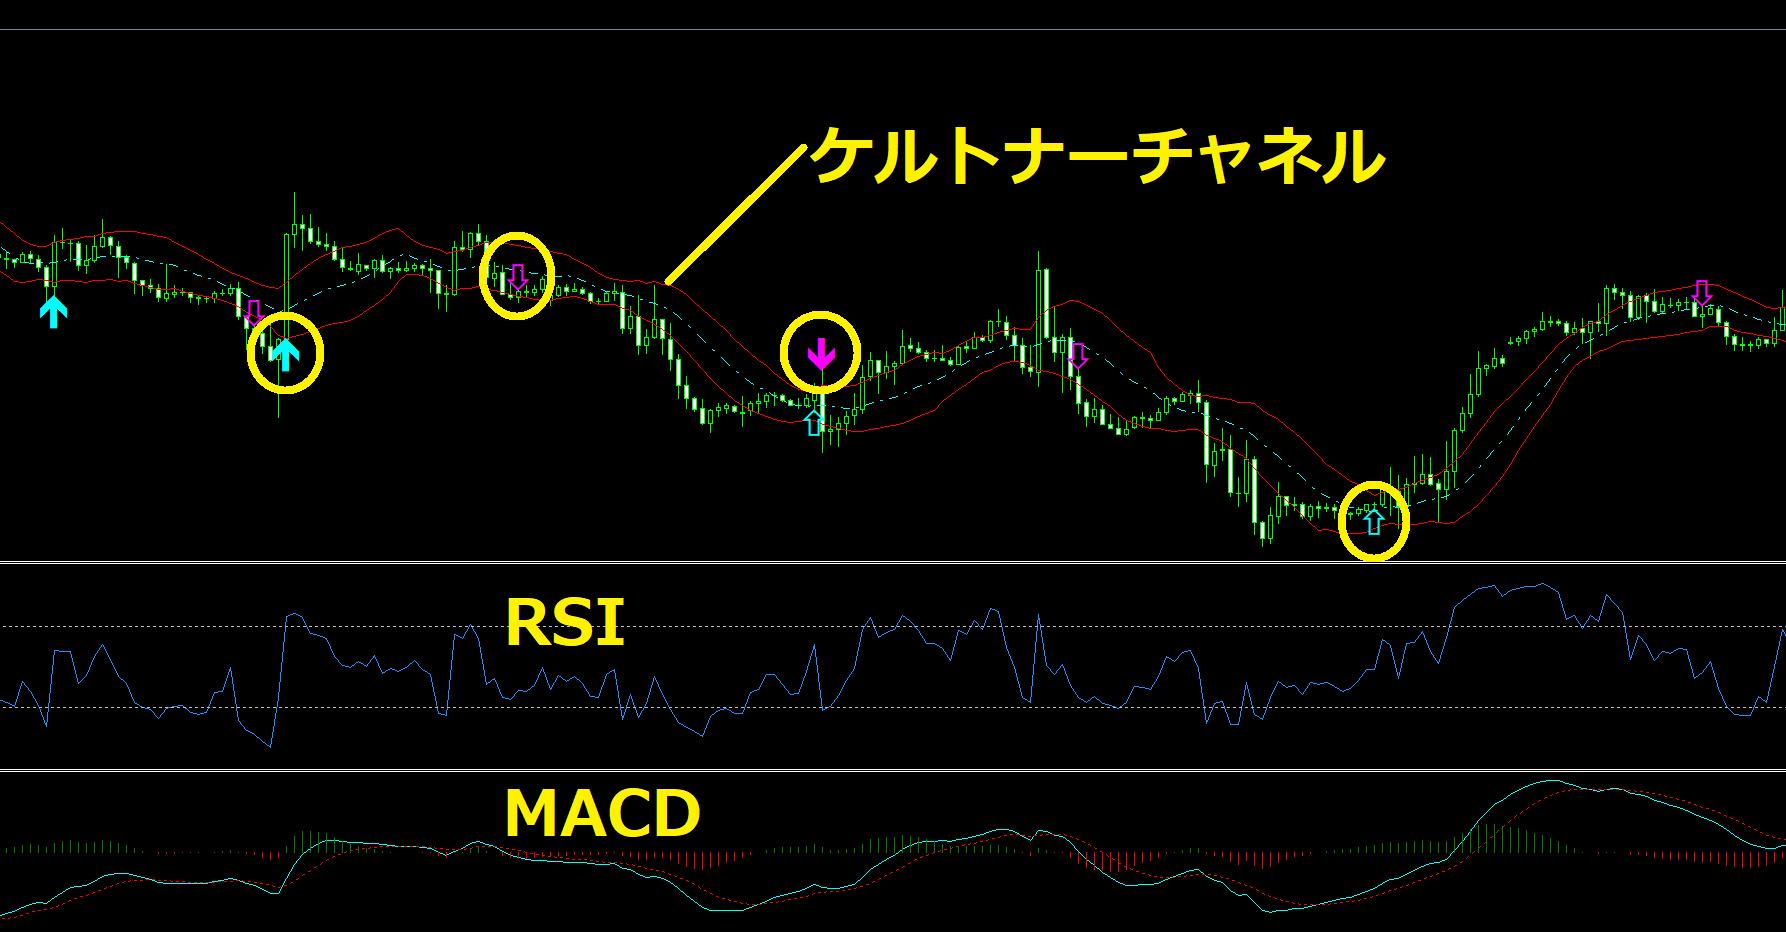 のぶしのデイトレードのチャート構成